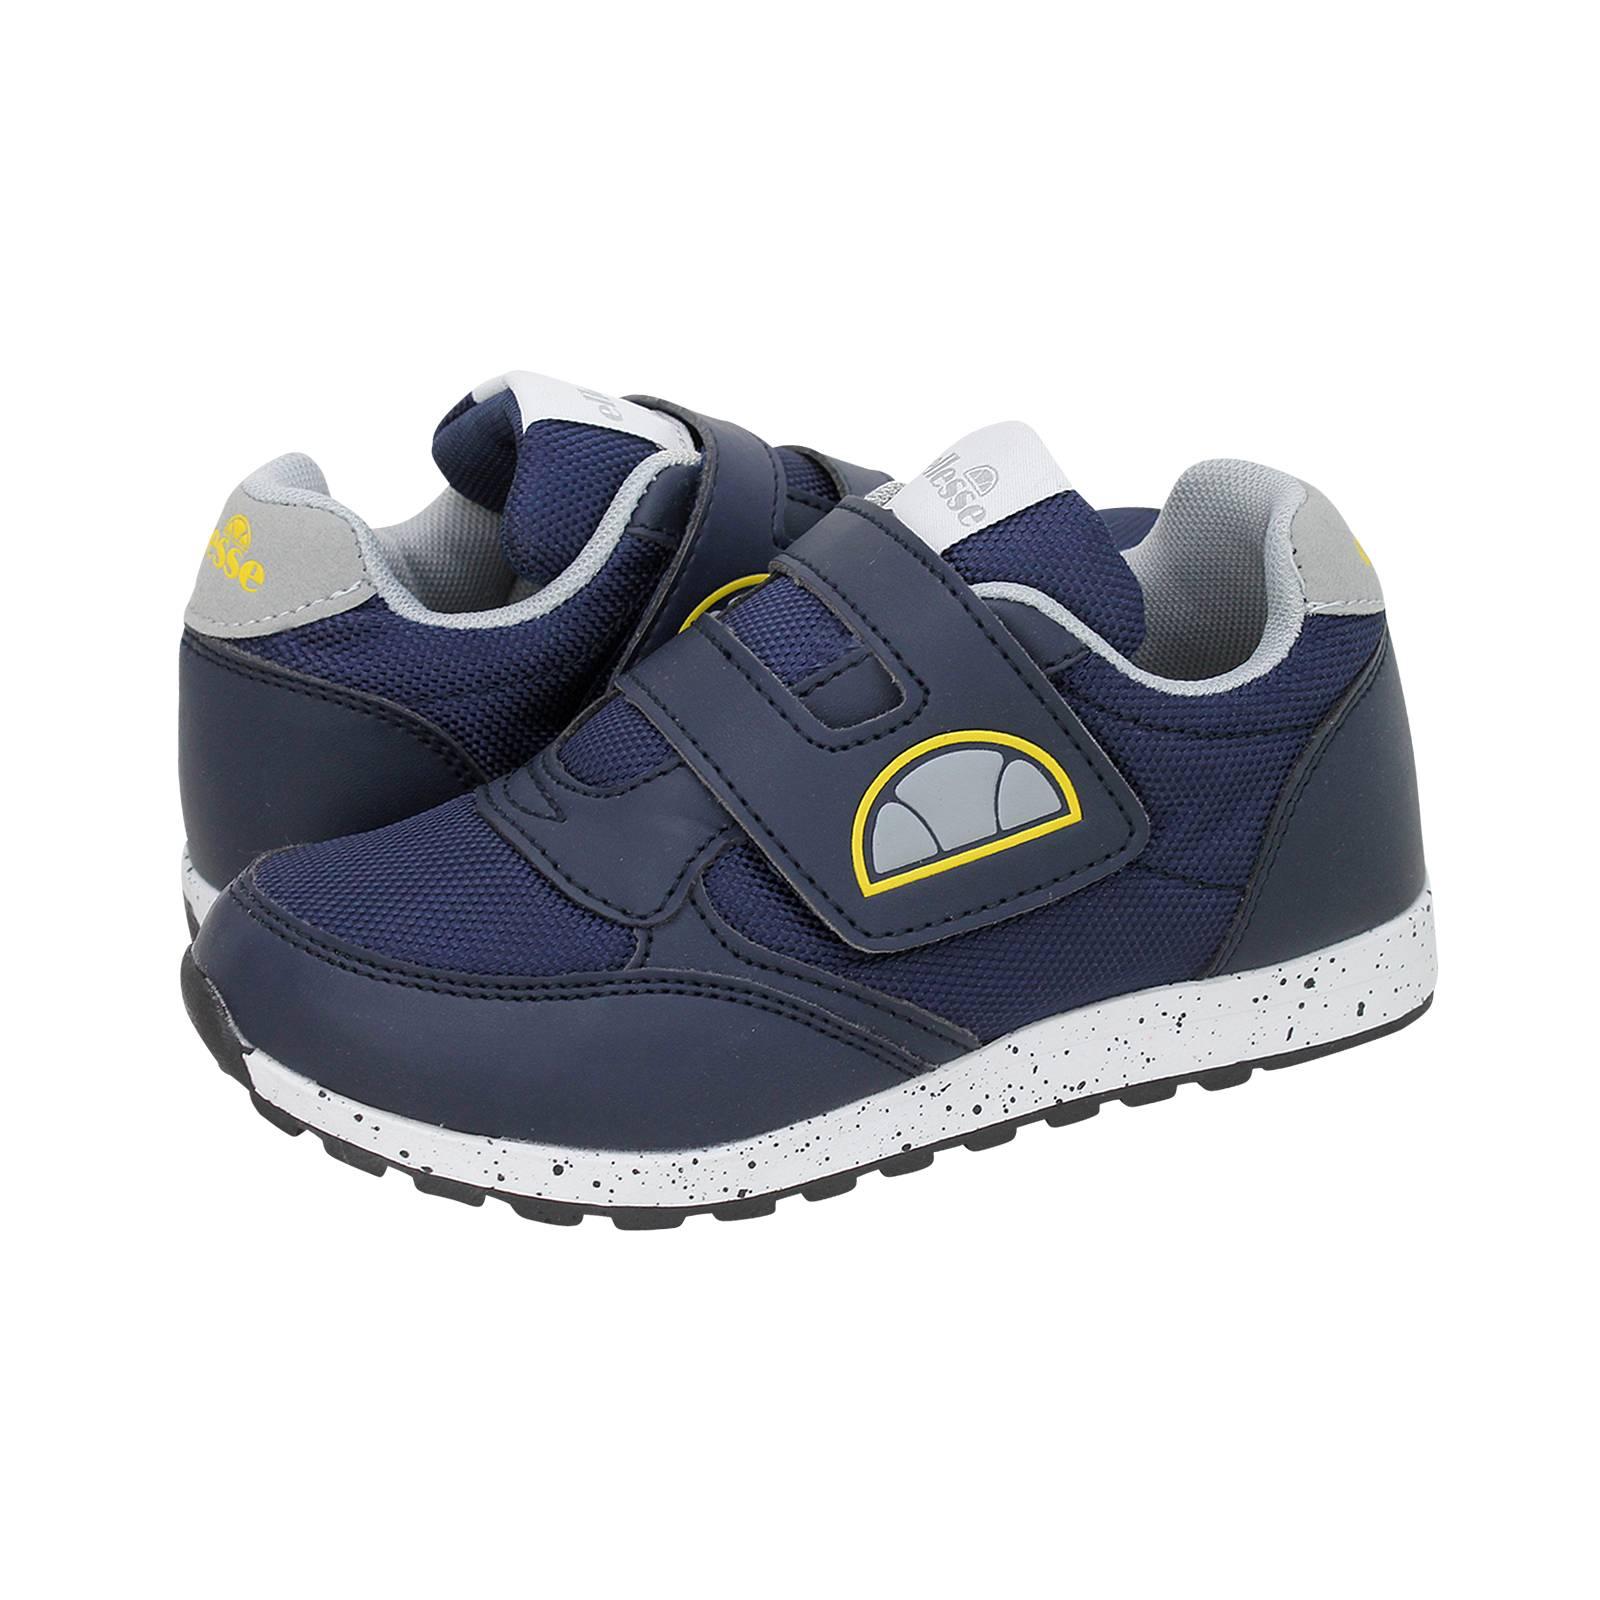 b53b1eaa0a8 HB-ELS08 - Παιδικά αθλητικά παπούτσια Ellesse από δερμα συνθετικο ...